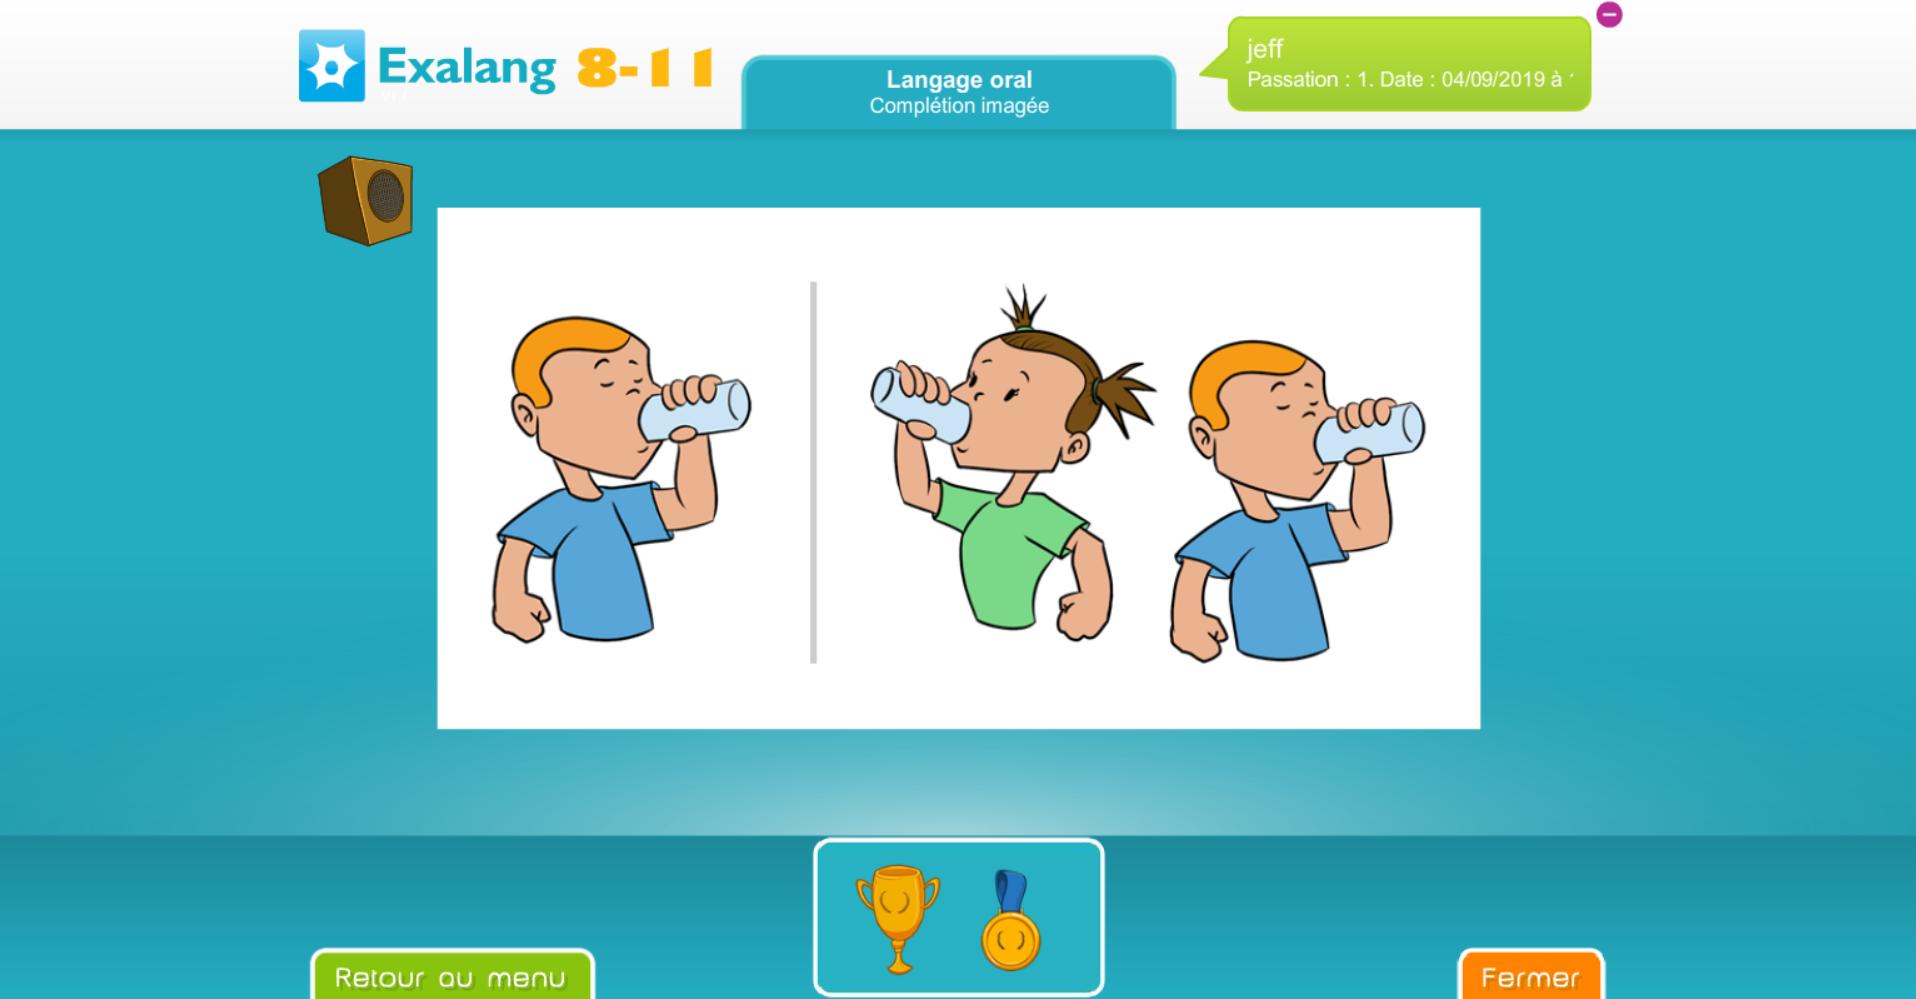 Exalang 8 11 logiciel de bilan de langage oral et écrit et test de langage des patients de 8 à 11 ans - Complétion imagée